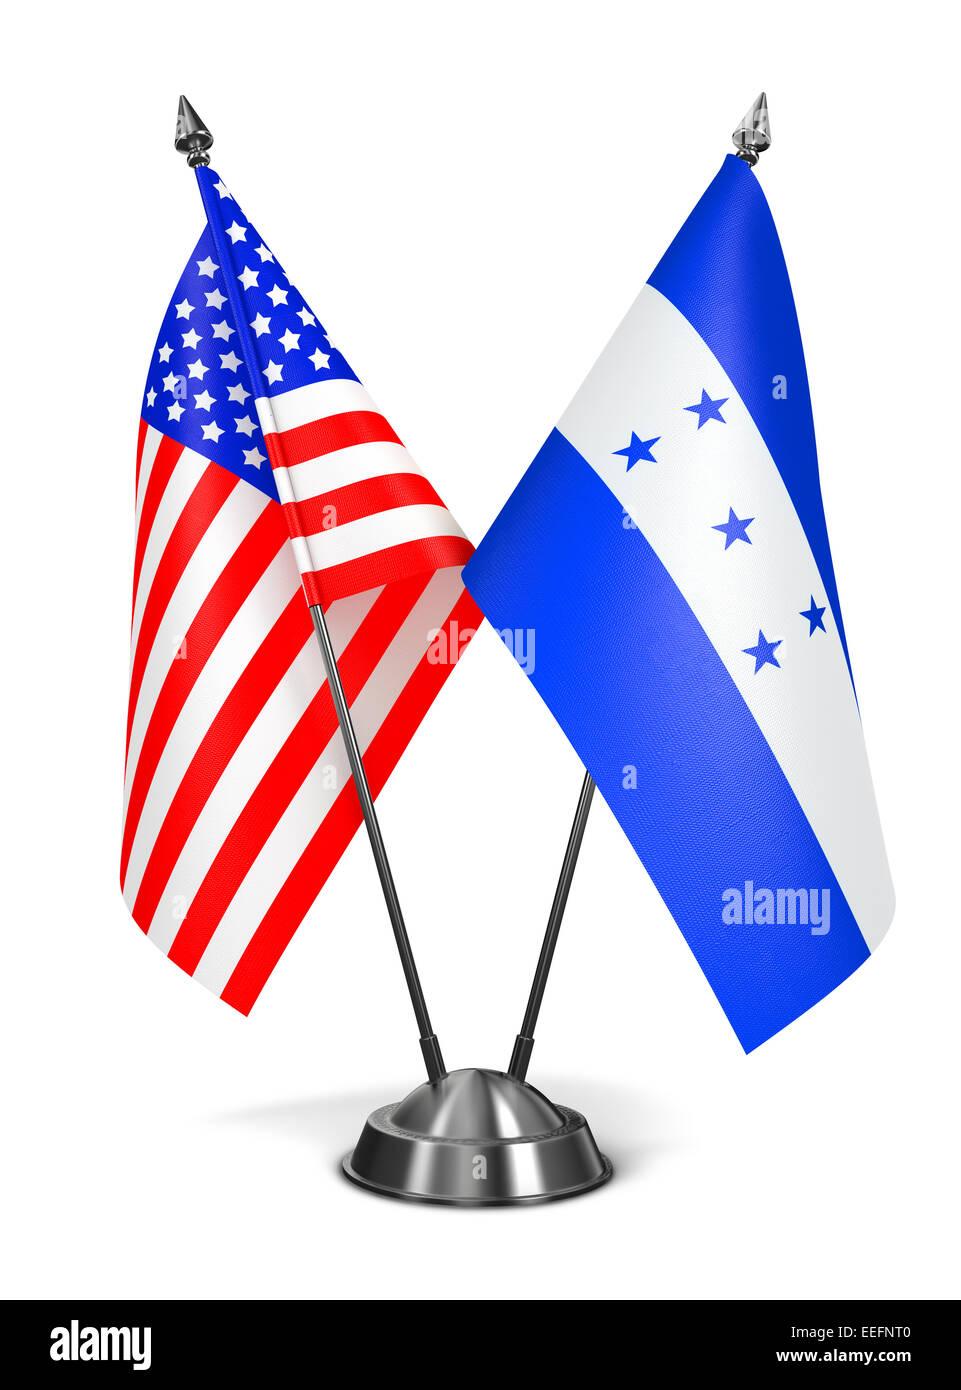 USA and Honduras - Miniature Flags. Stock Photo